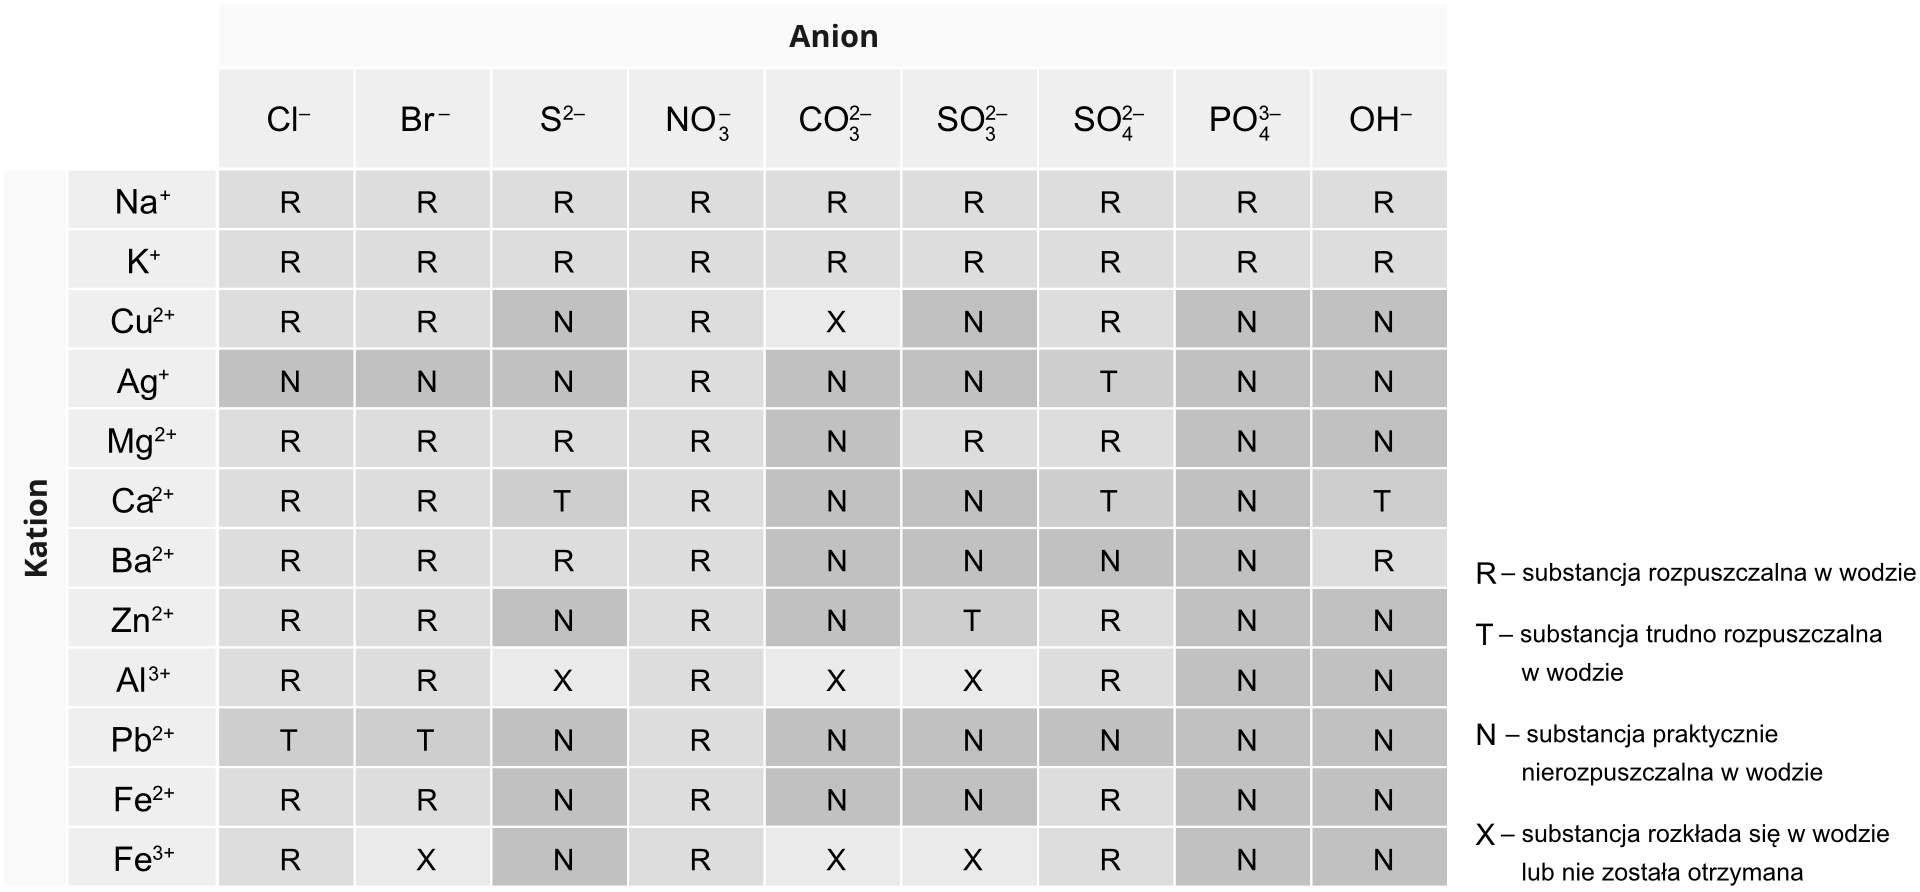 Ilustracja zawiera tabelę przedstawiającą rozpuszczalność soli iwodorotlenków wwodzie. Kolejne wiersze tabeli zawierają popularne kationy jedenastu metali, przy czym jeden znich, żelazo, występuje wdwóch wersjach różniących się wartościowością, czyli ładunkiem jonowym. Zkolei wkolumnach znajdują się aniony reszt kwasowych: chlorkowy, bromowy, siarkowy, azotowy pięć, węglowy, siarkowy cztery, siarkowy sześć ifosforowy pięć oraz reszta wodorotlenkowa. Wtabeli rozpuszczalność konkretnych soli opisano kodem literowym. Litera Roznacza, że substancja jest dobrze rozpuszczalna wwodzie, litera Toznacza, że substancja jest trudno rozpuszczalna wwodzie, alitera Noznacza, że substancja jest nierozpuszczalna wwodzie. Ostatnia kategoria to litera Xoznaczająca, że substancja rozkłada się wwodzie lub nie została otrzymana. Ztabeli można odczytać, że wszystkie sole sodu ipotasu, wszystkie azotany pięć, atakże prawie wszystkie chlorki ibromki (za wyjątkiem trudno rozpuszczalnych chlorku ibromku ołowiu, atakże nierozpuszczalnych chlorku ibromu srebra) są rozpuszczalne wwodze. To samo dotyczy magnezu, którego sole są dobrze rozpuszczalne za wyjątkiem węglanu oraz fosforanu magnezu. Również wśród siarczanów sześć przeważają sole rozpuszczalne, za wyjątkiem trudno rozpuszczalnych siarczanów sześć srebra iwapnia oraz nierozpuszczalnych siarczanów sześć baru iołowiu. Zkolei prawie wszystkie fosforany, poza fosforanem sodu iwapnia są nierozpuszczalne, awęglany isiarczany cztery większości metali są albo nierozpuszczalne, albo pod wpływem wody ulegają rozkładowi. Wodorotlenki są nierozpuszczalne za wyjątkiem dobrze rozpuszczalnych wodorotlenków sodu, potasu ibaru oraz trudno rozpuszczalnego wodorotlenku wapnia. Największe zróżnicowanie występuje wśród siarczków, zktórych cztery zilustrowane wtabeli są rozpuszczalne, jeden trudno rozpuszczalny, pięć nierozpuszczalnych, adwa należą do grupy soli onieokreślonej rozpuszczalności. Po prawej stronie tabeli znajduje się legenda kodów literowych.